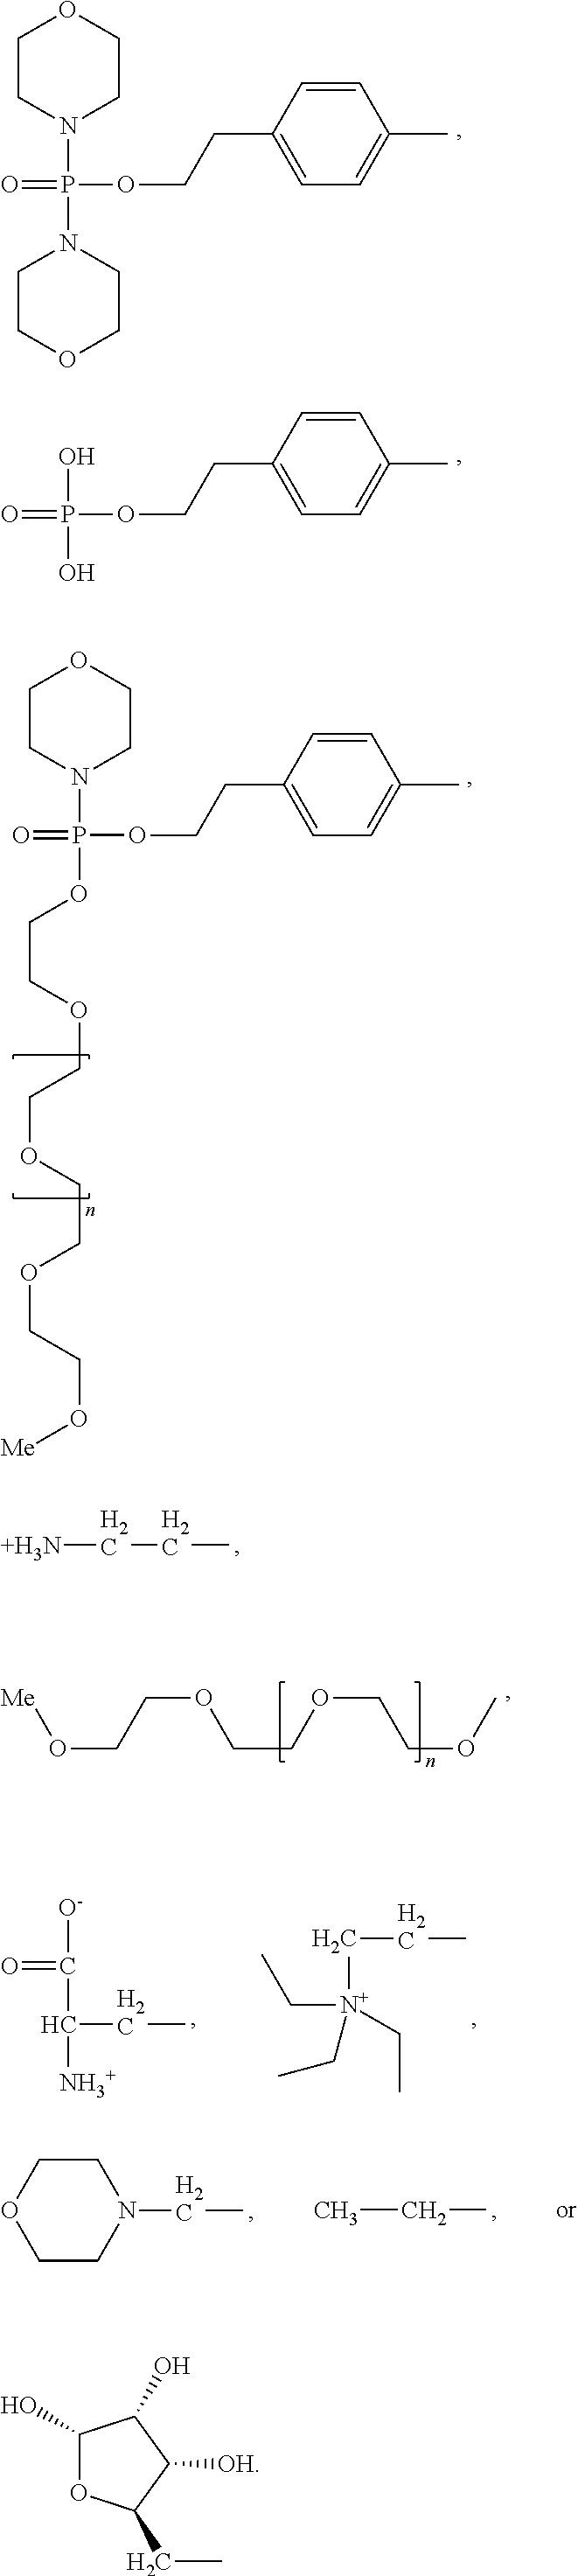 Figure US09498761-20161122-C00001